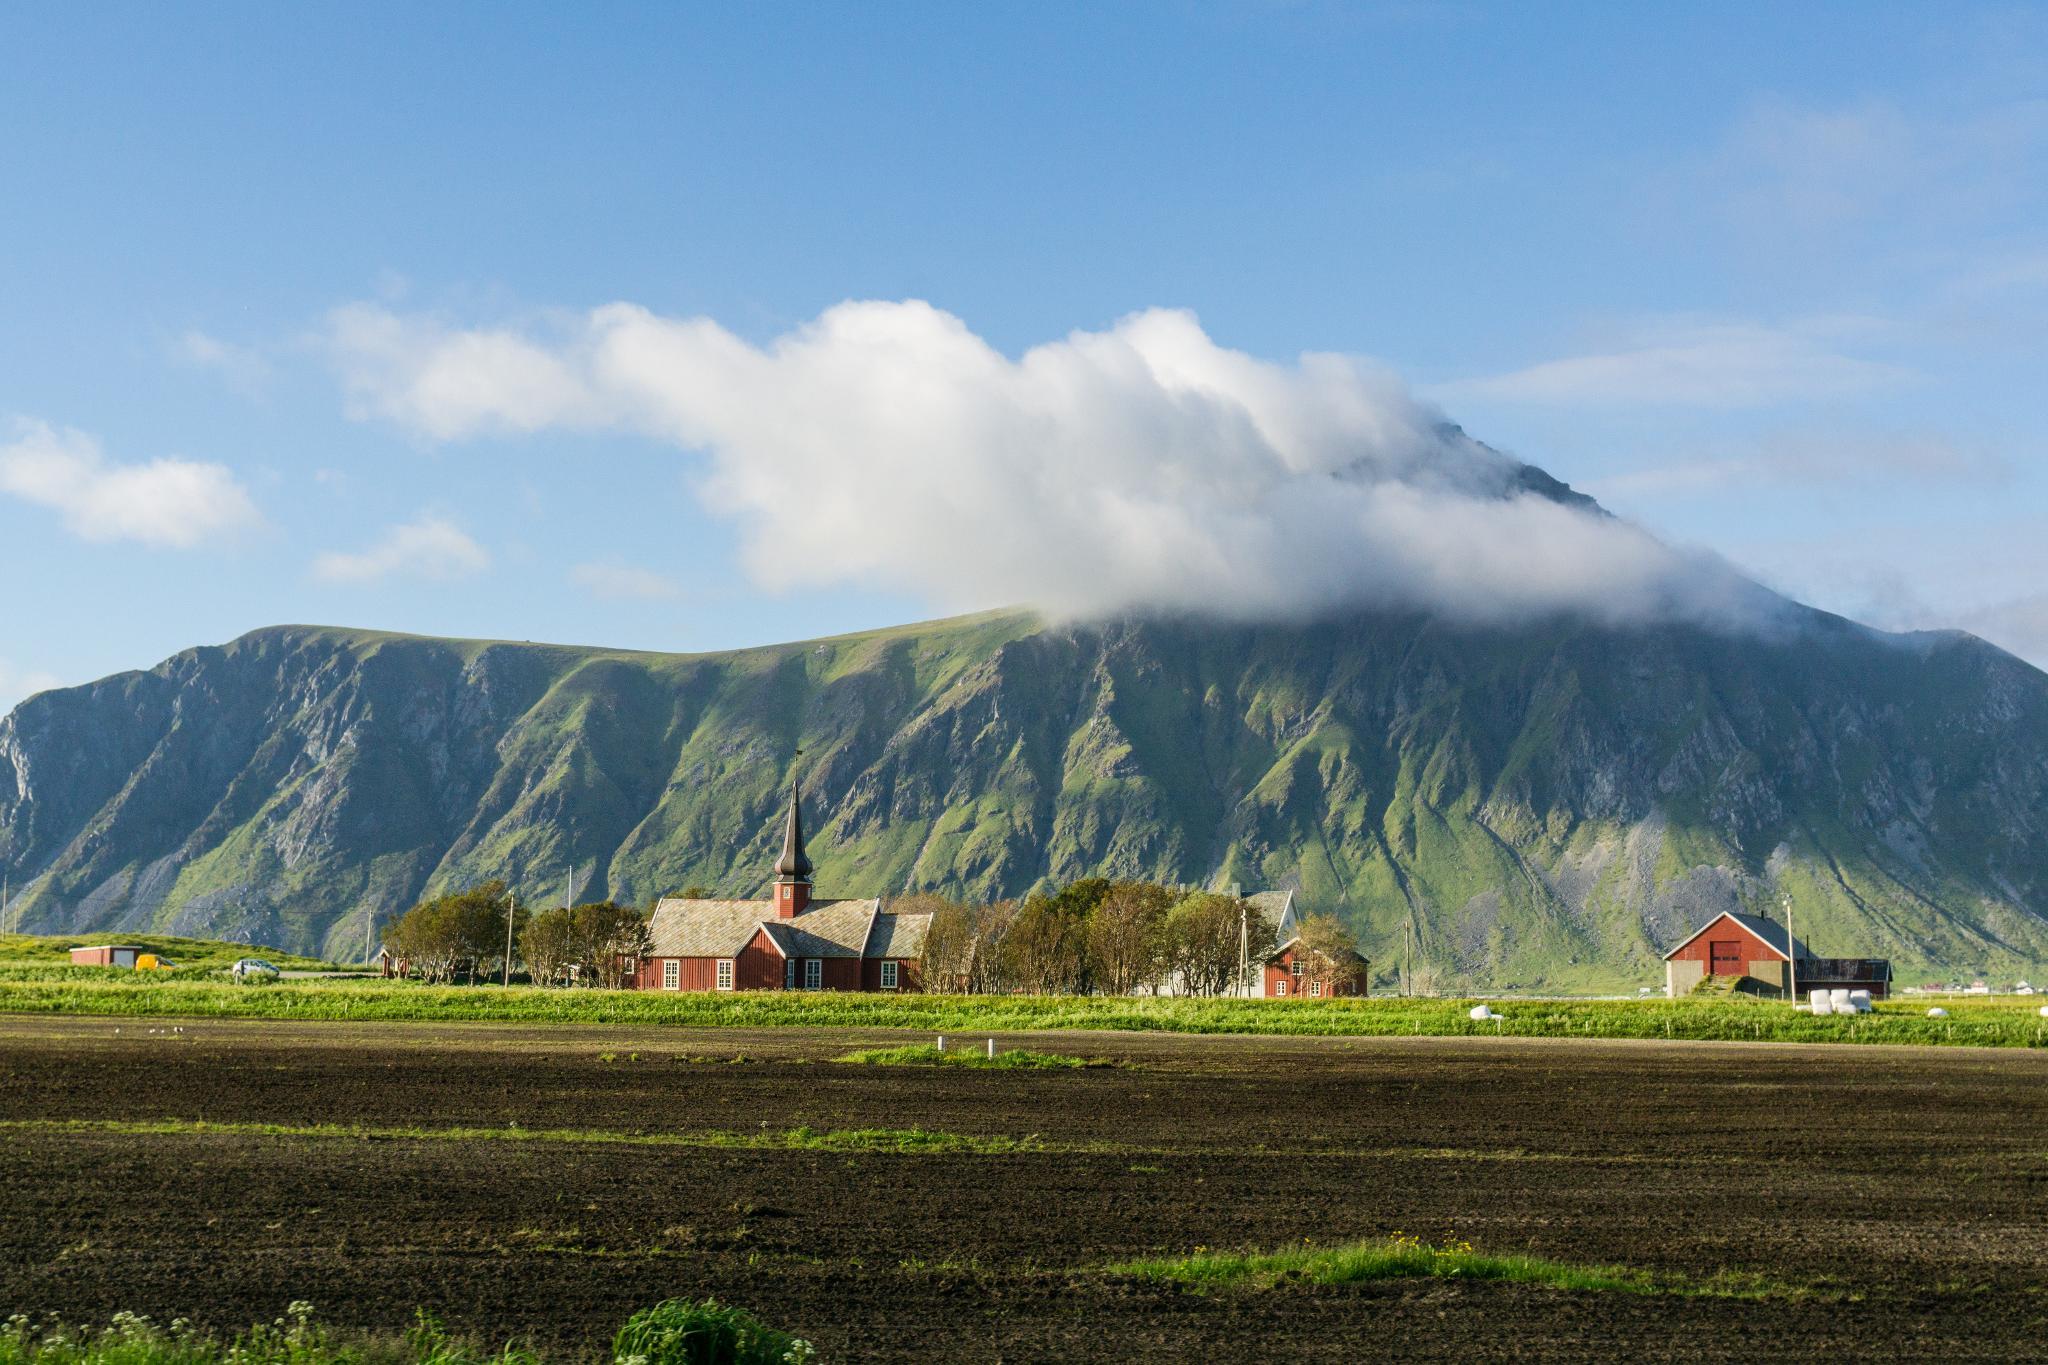 【羅弗敦群島】前進世界最美麗的島嶼 - Lofoten Islands 行程全攻略 18